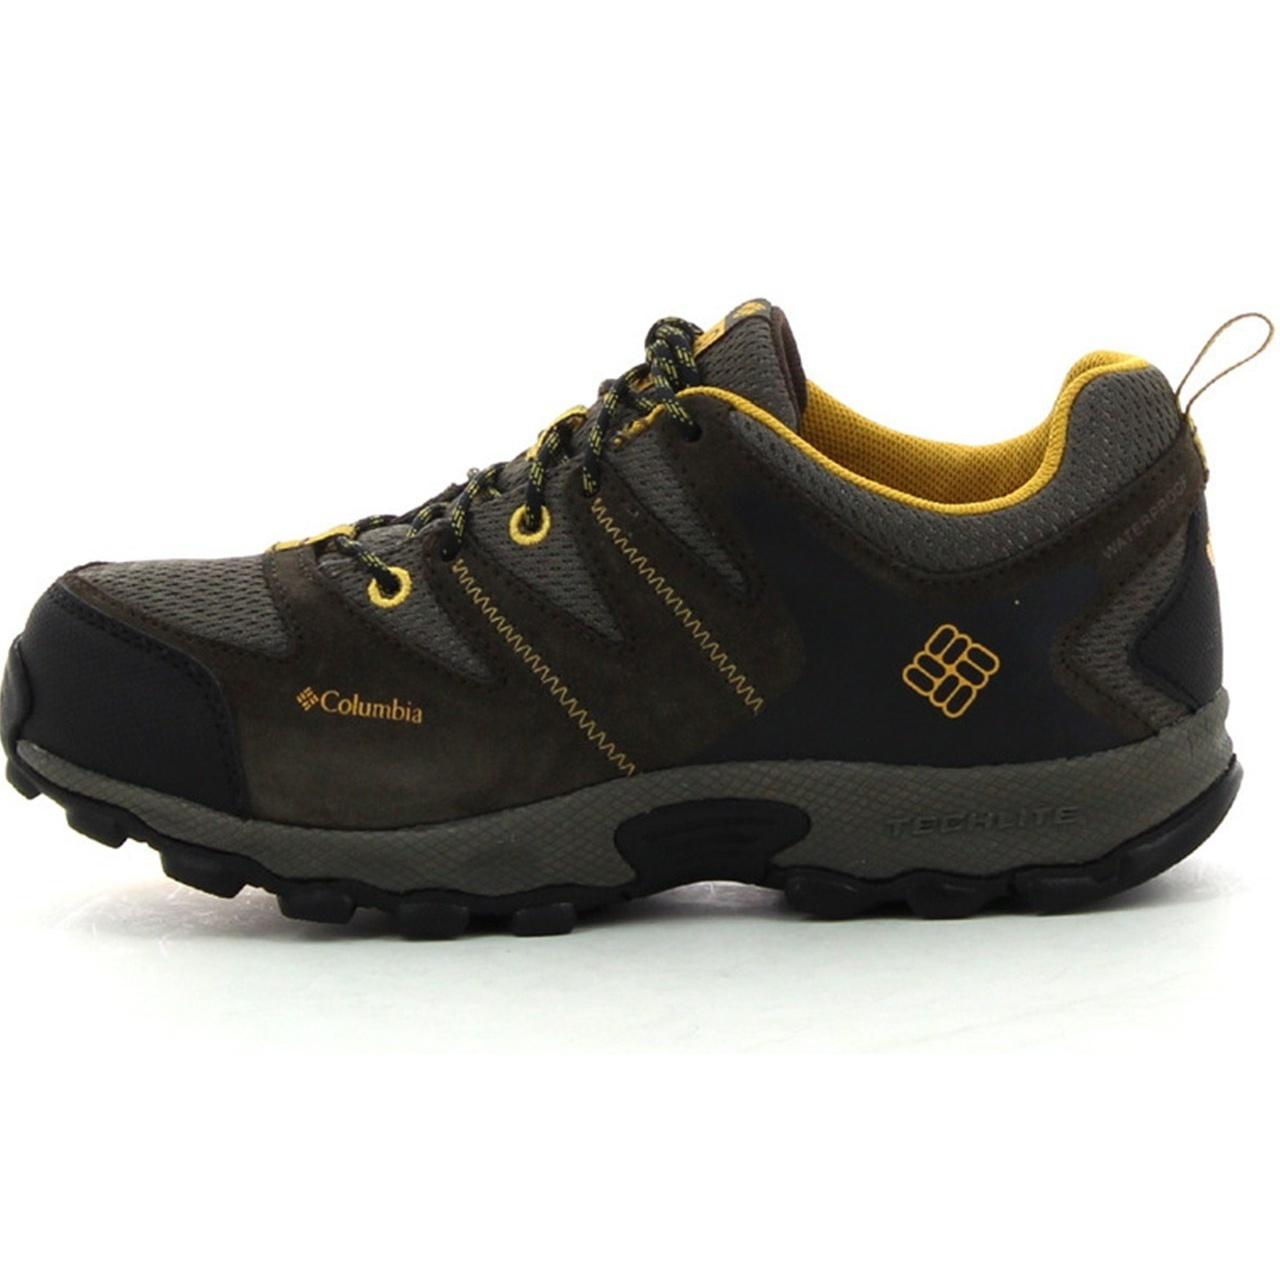 کفش مخصوص دویدن بچه گانه کلمبیا مدل Youth Peakfreak XCRSN Waterproof